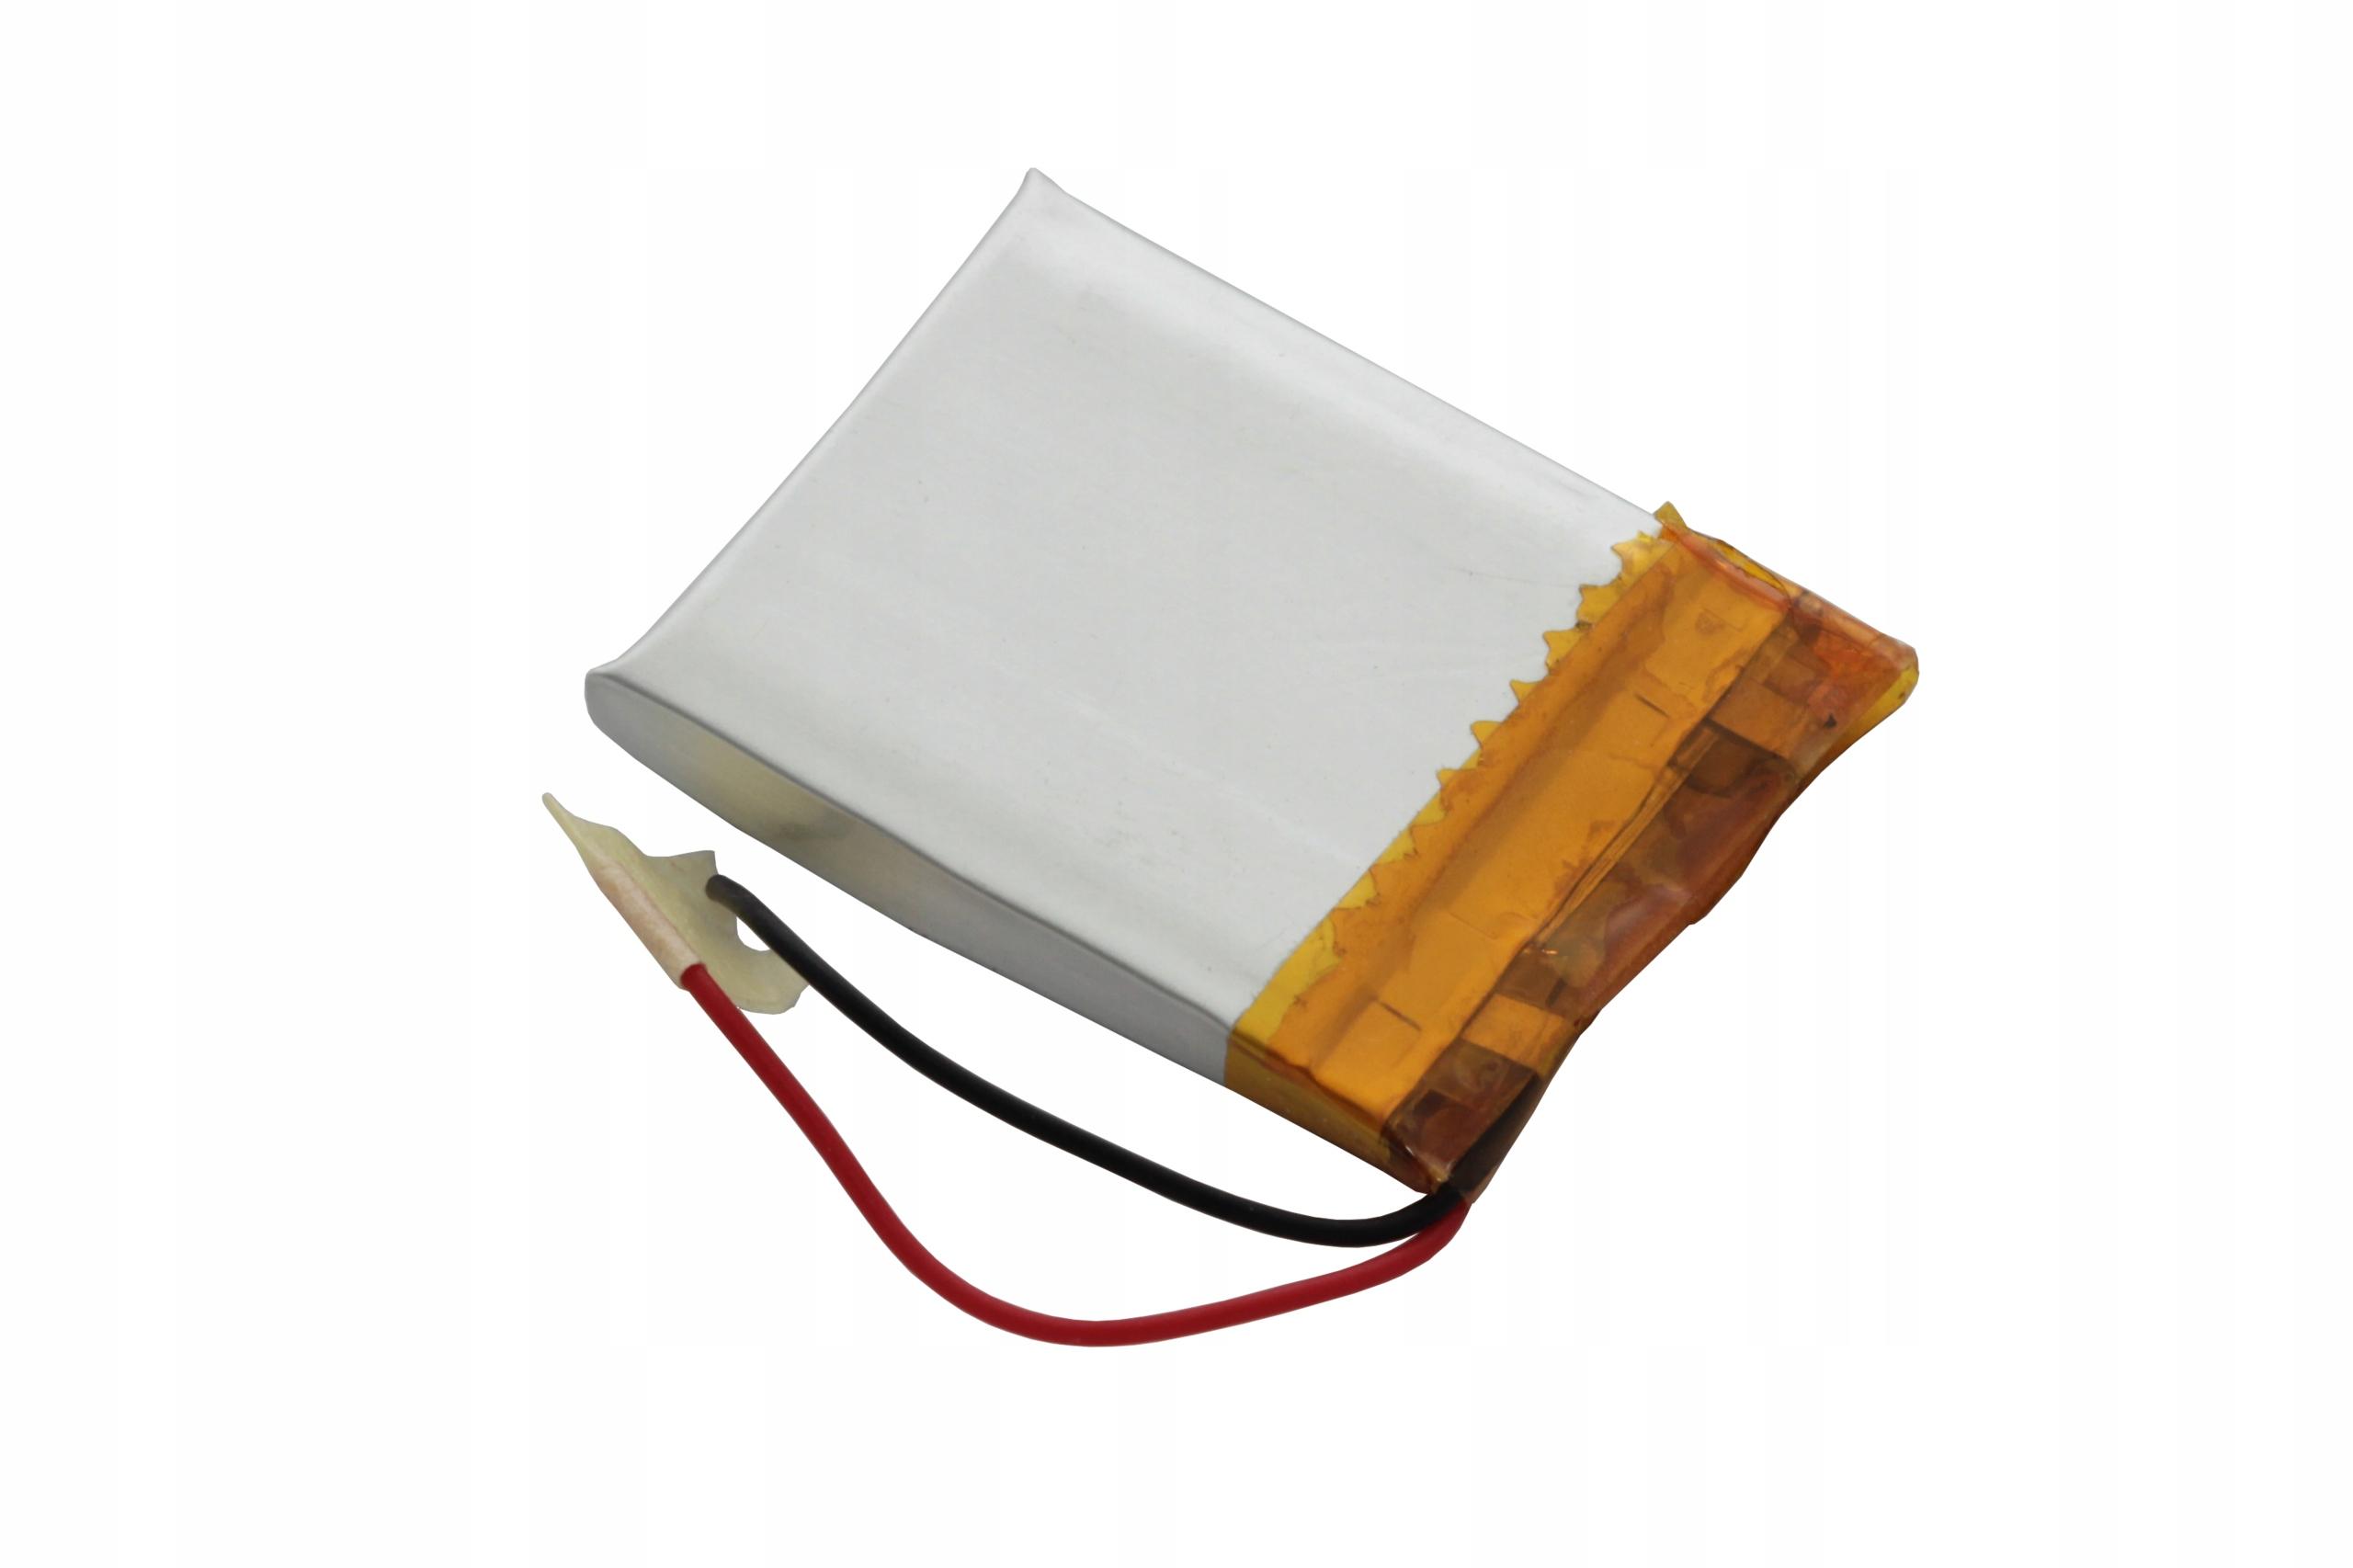 AKUMULATOR PRYZMATYCZNY Li-POLy 3,7V 370mAh 502530 Marka AmElectronics